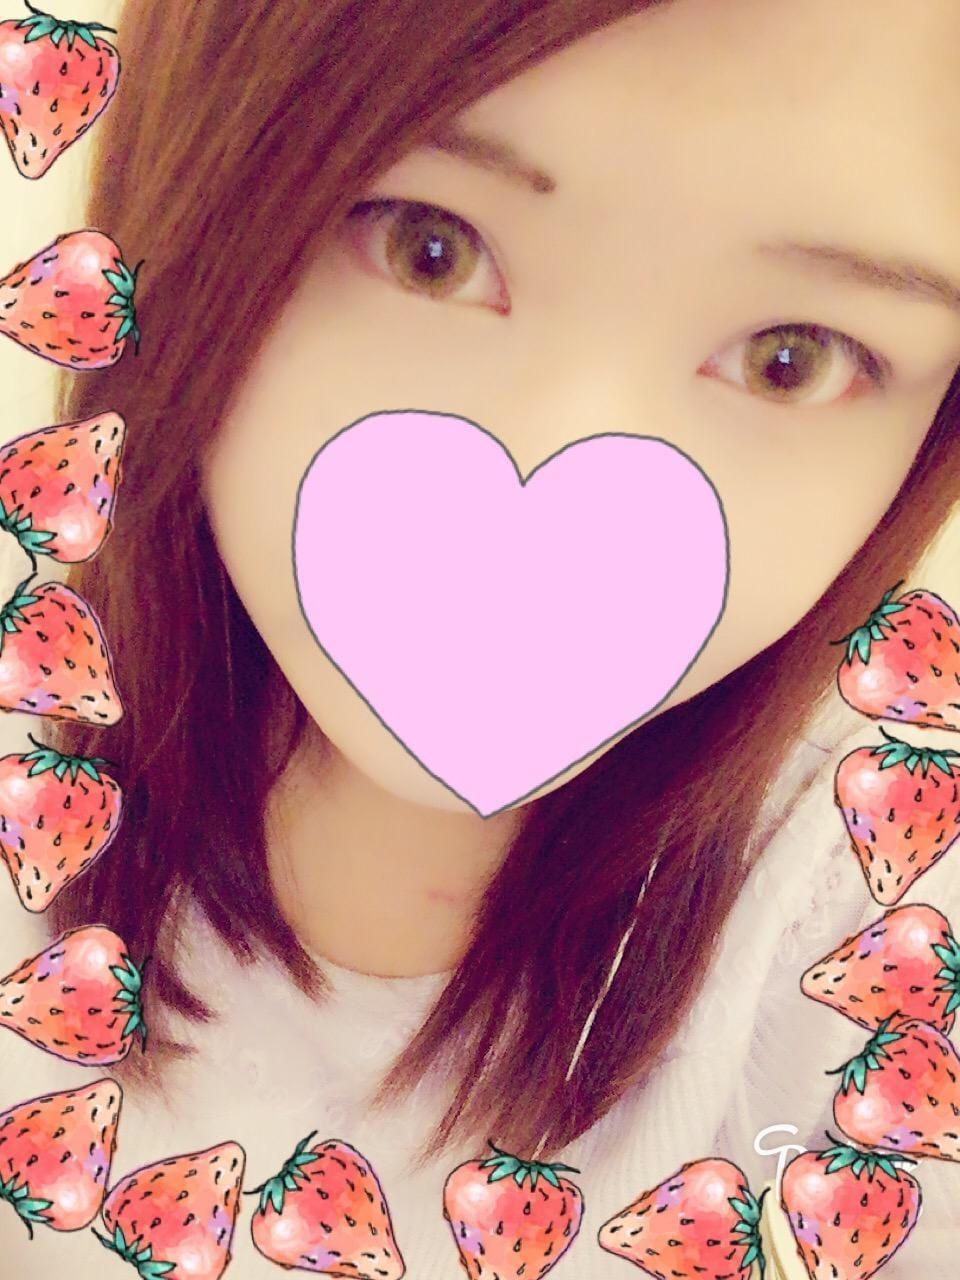 「June 14th ★」06/14(06/14) 17:56 | まどかの写メ・風俗動画